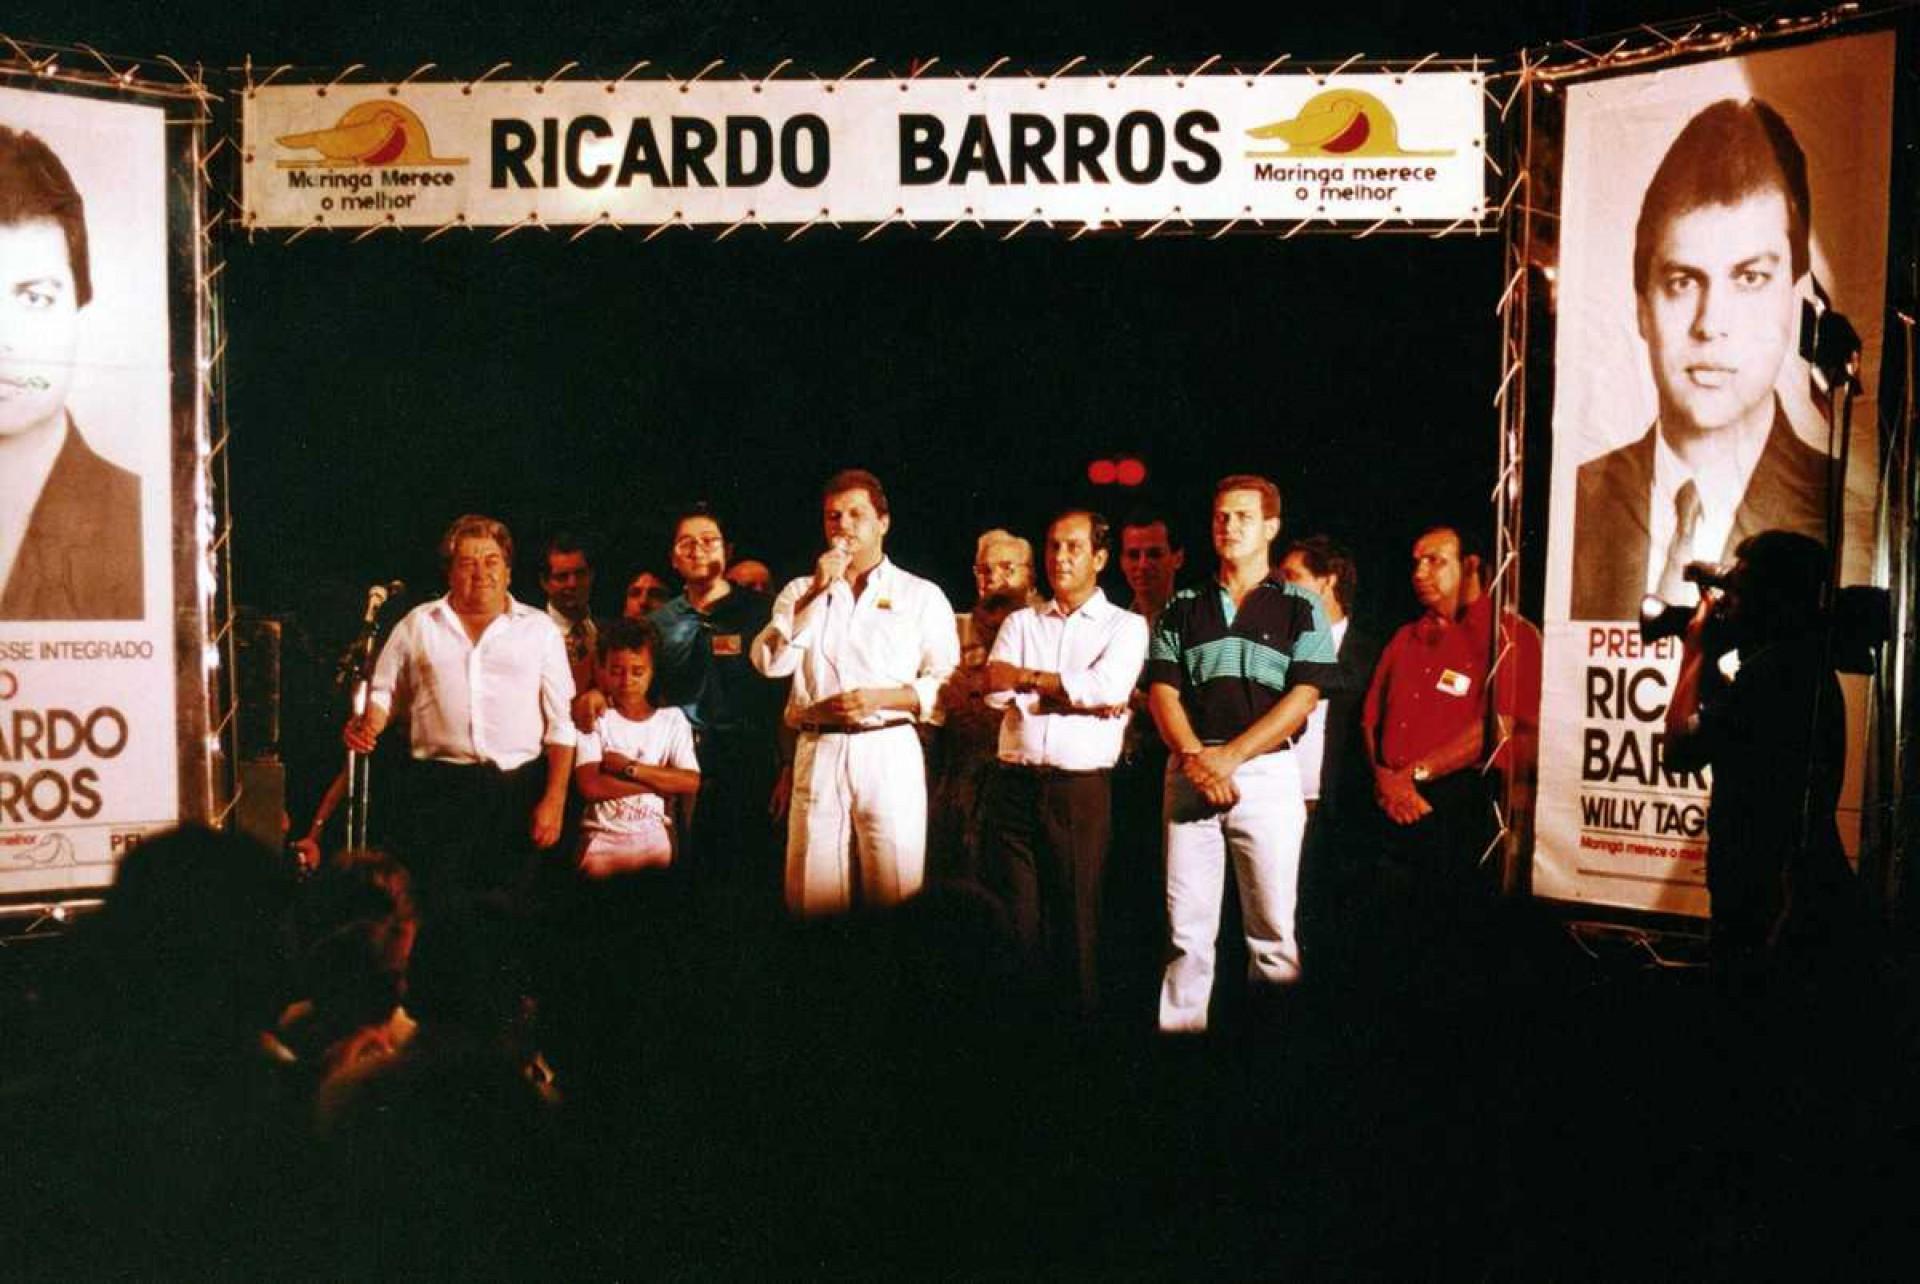 Ricardo Barros em campanha para prefeito de Maringá, no Paraná